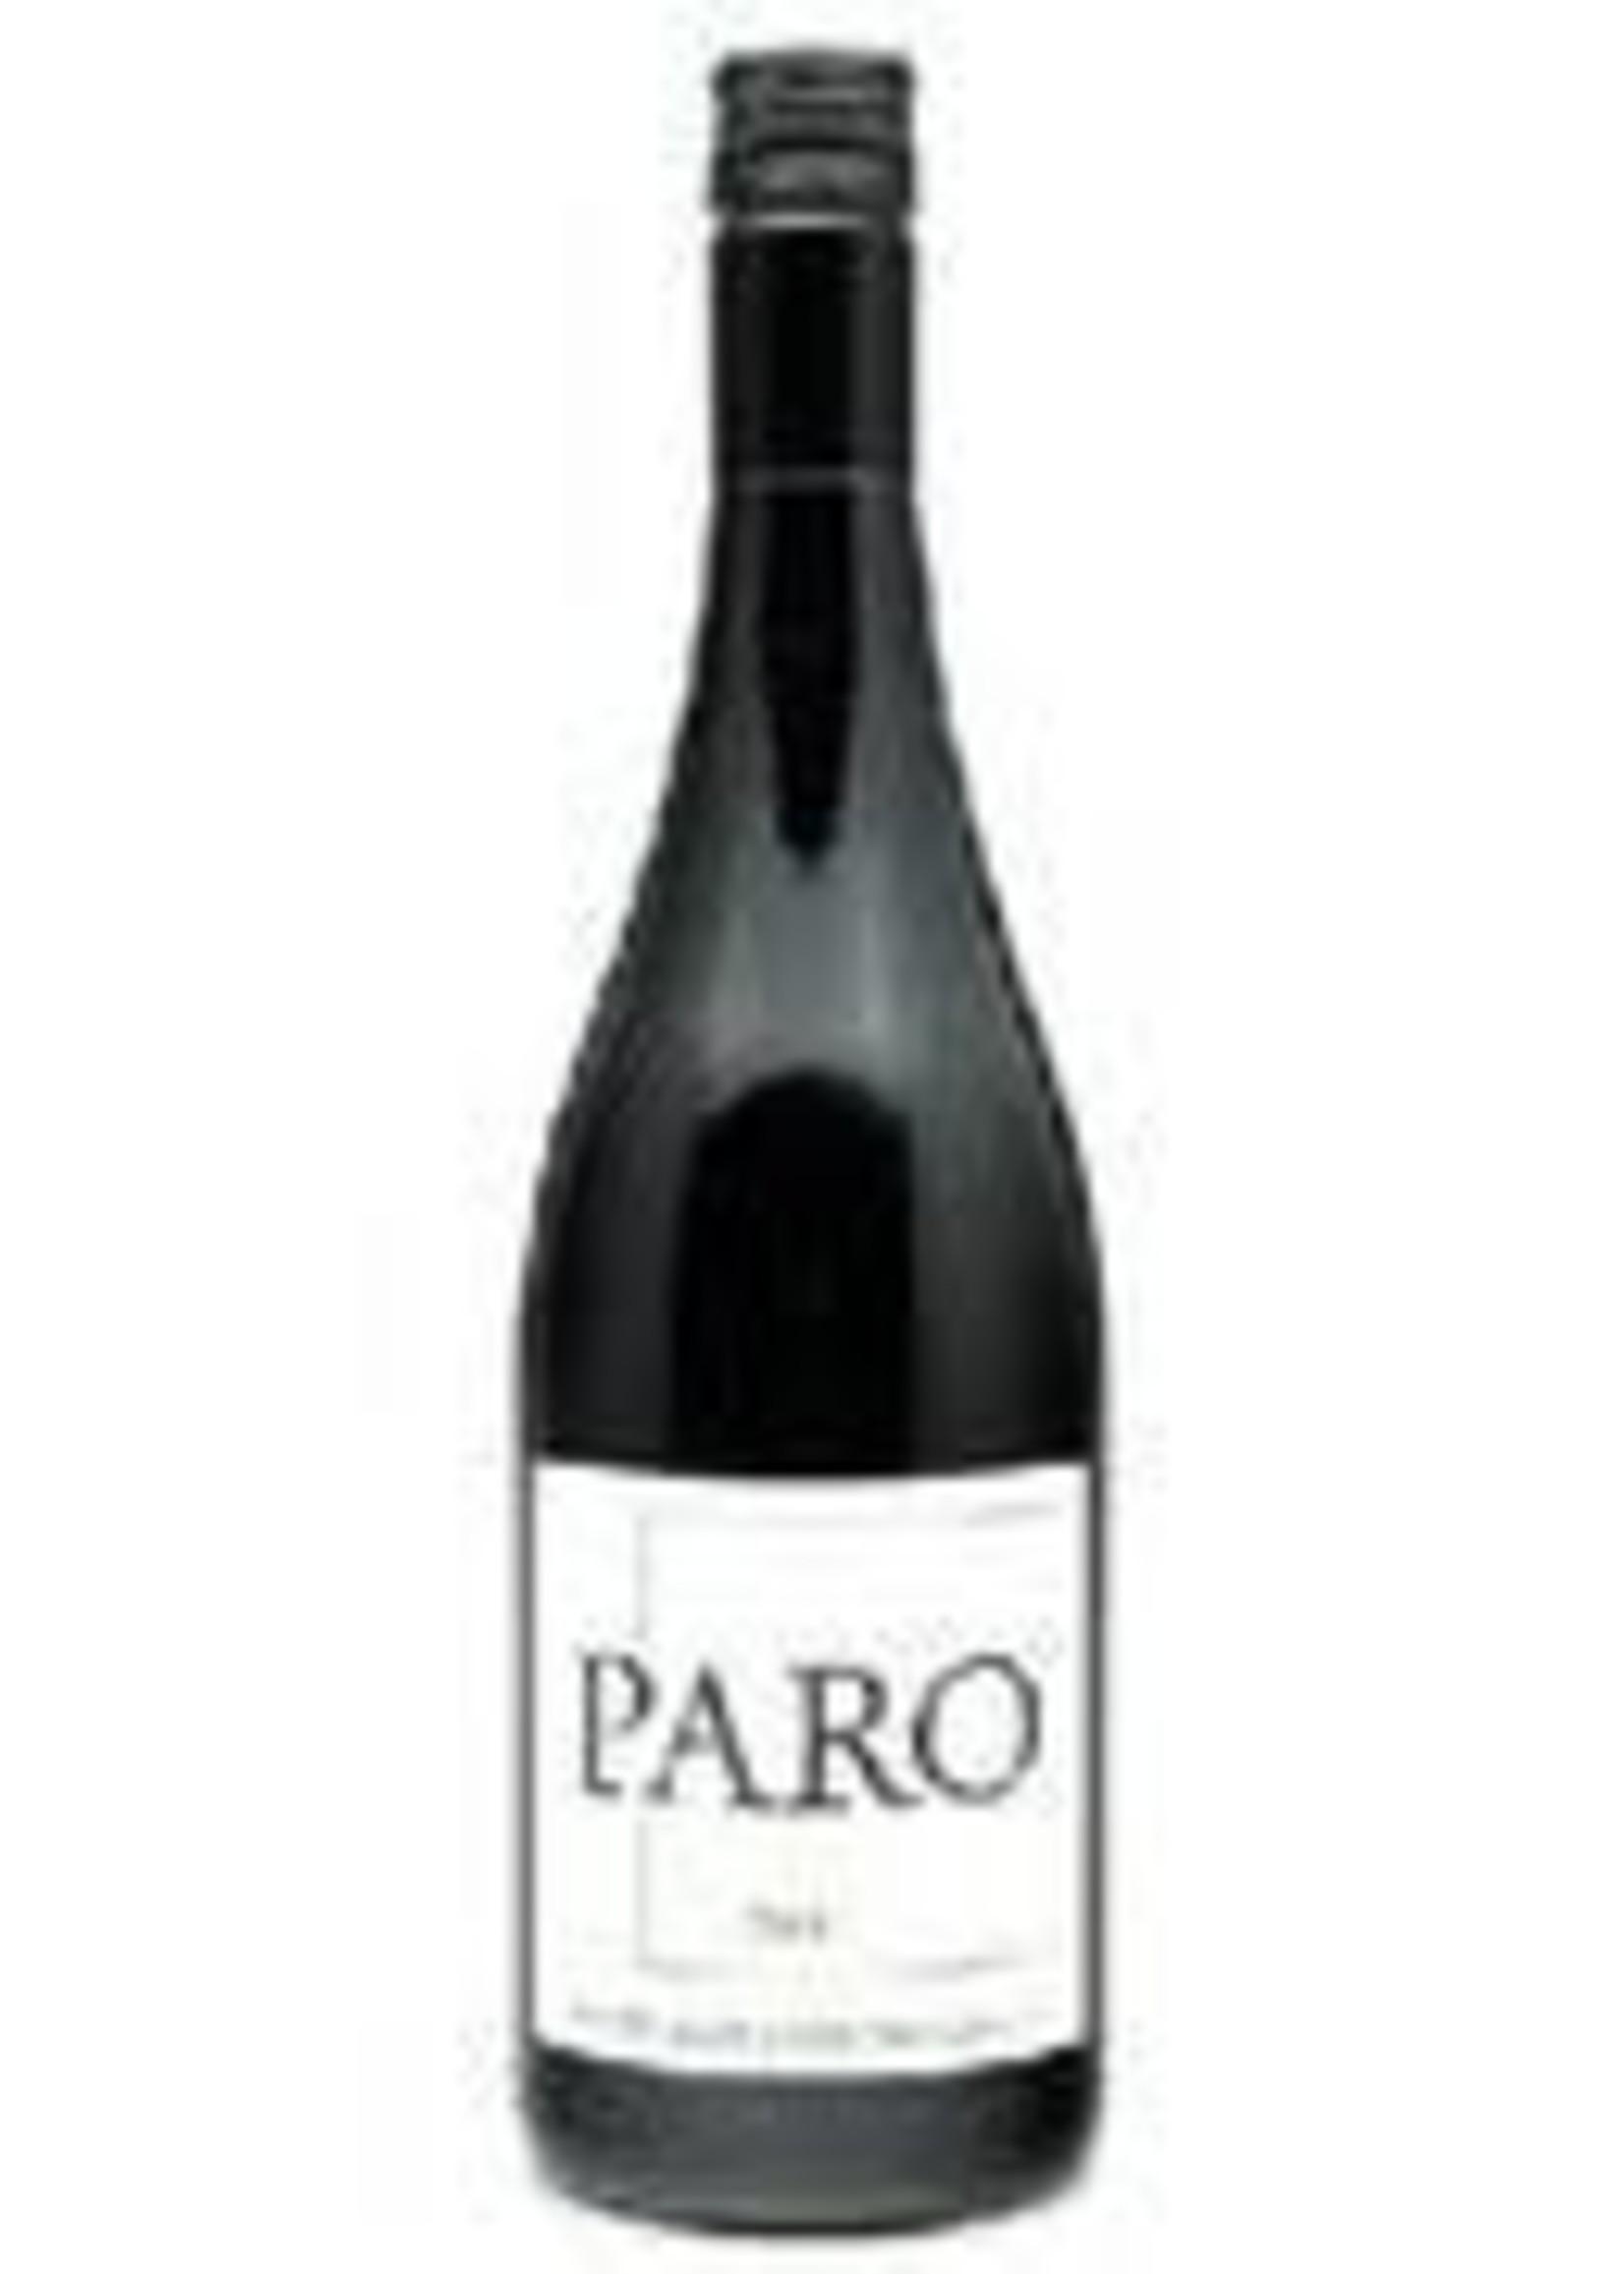 Paro Russian River Pinot Noir